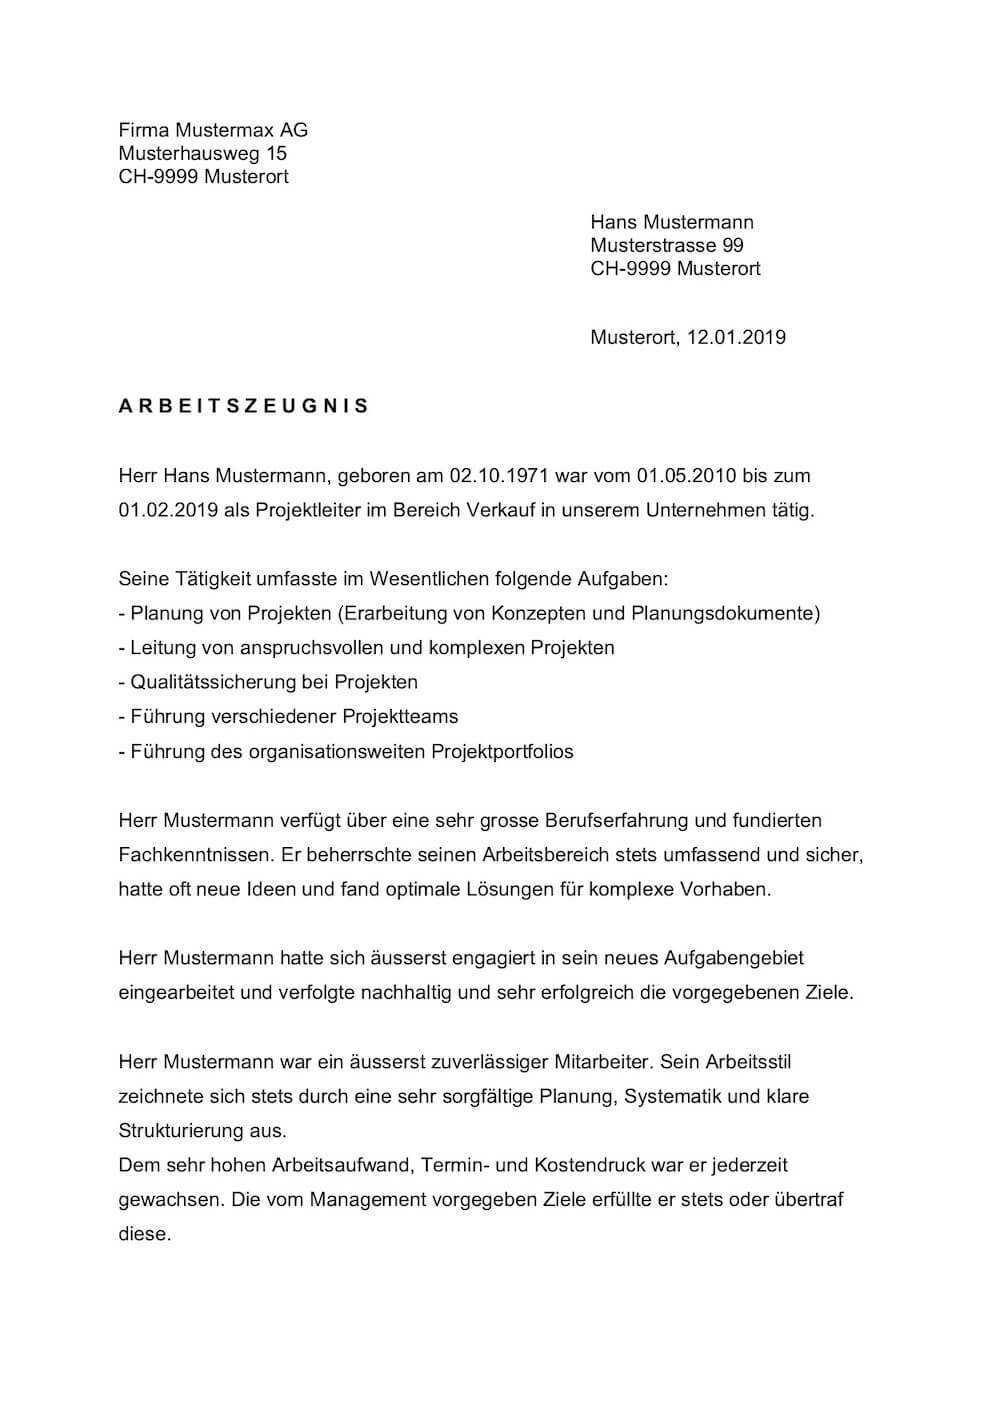 Arbeitszeugnis Muster Vorlagen Schweiz Kostenlos Downloaden